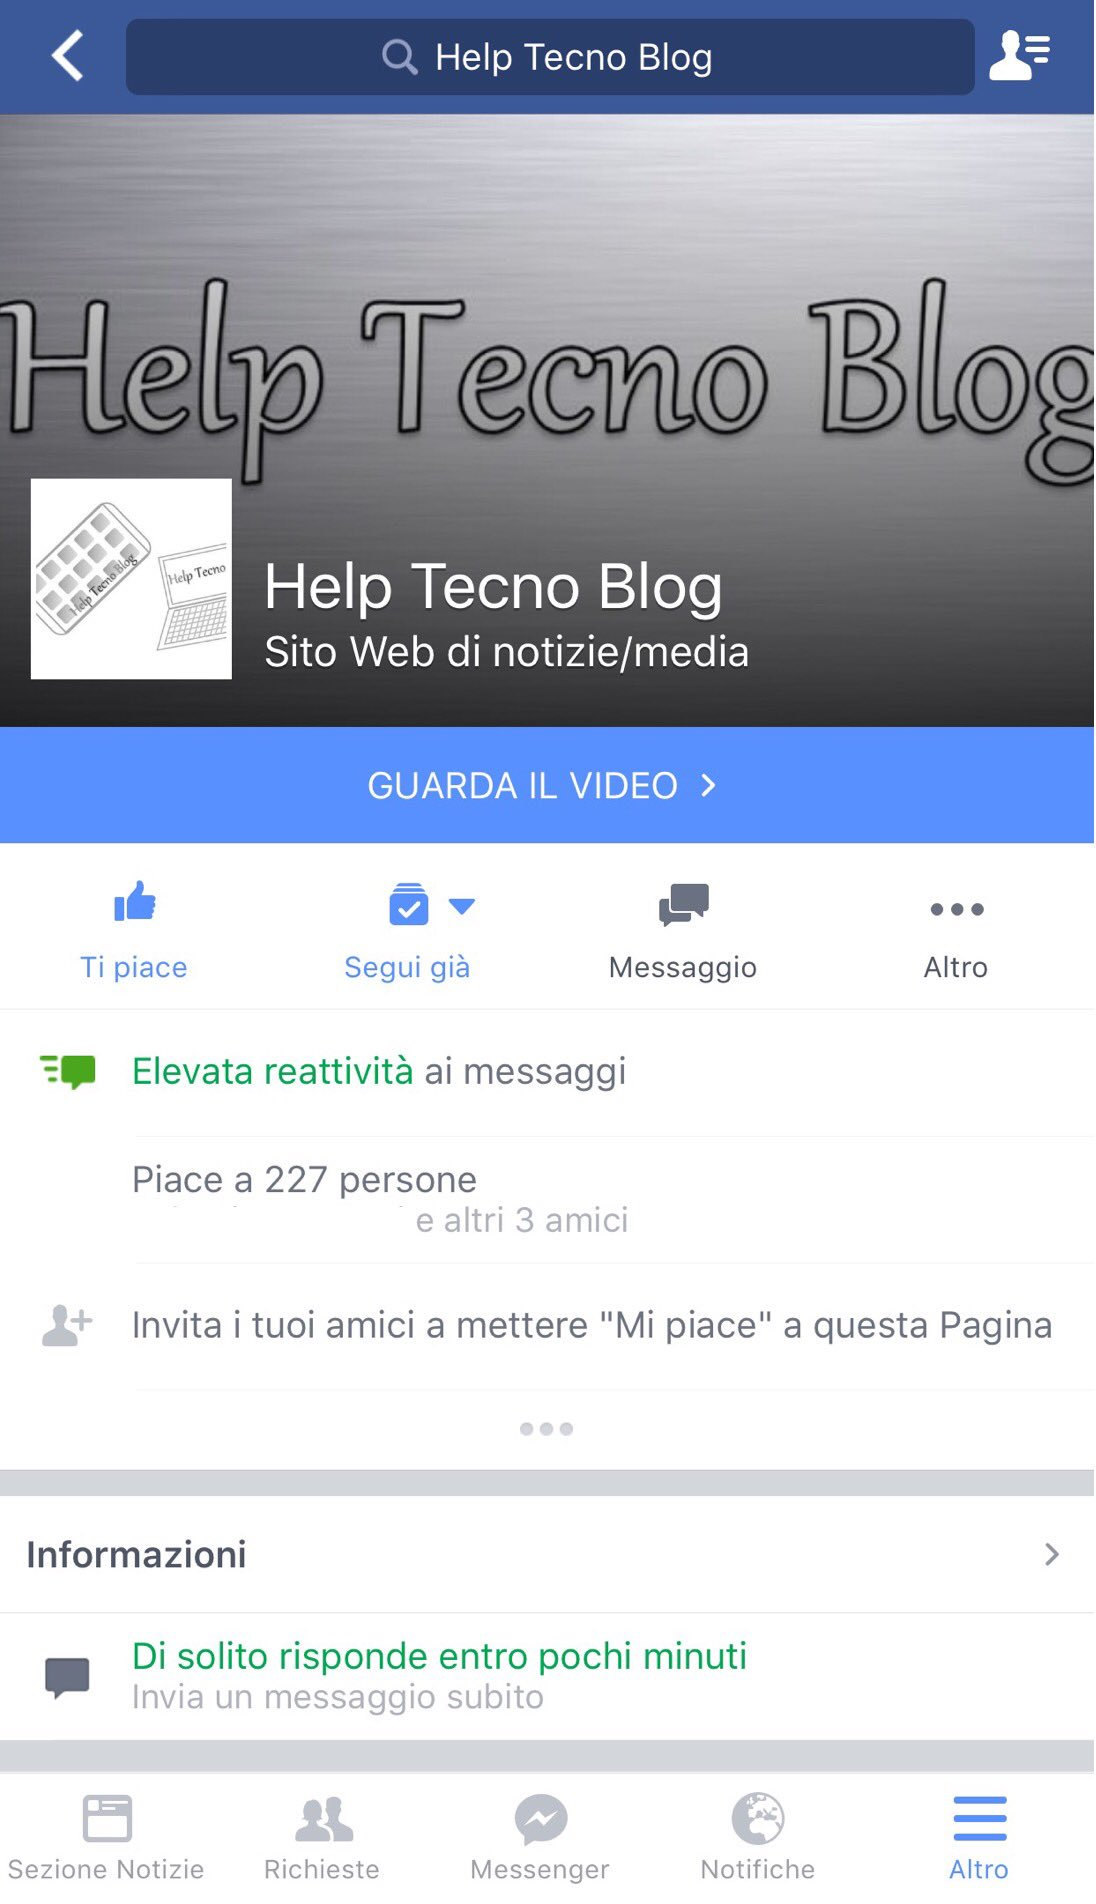 """Come invitare amici a mettere """" mi piace """" su Pagina Facebook"""